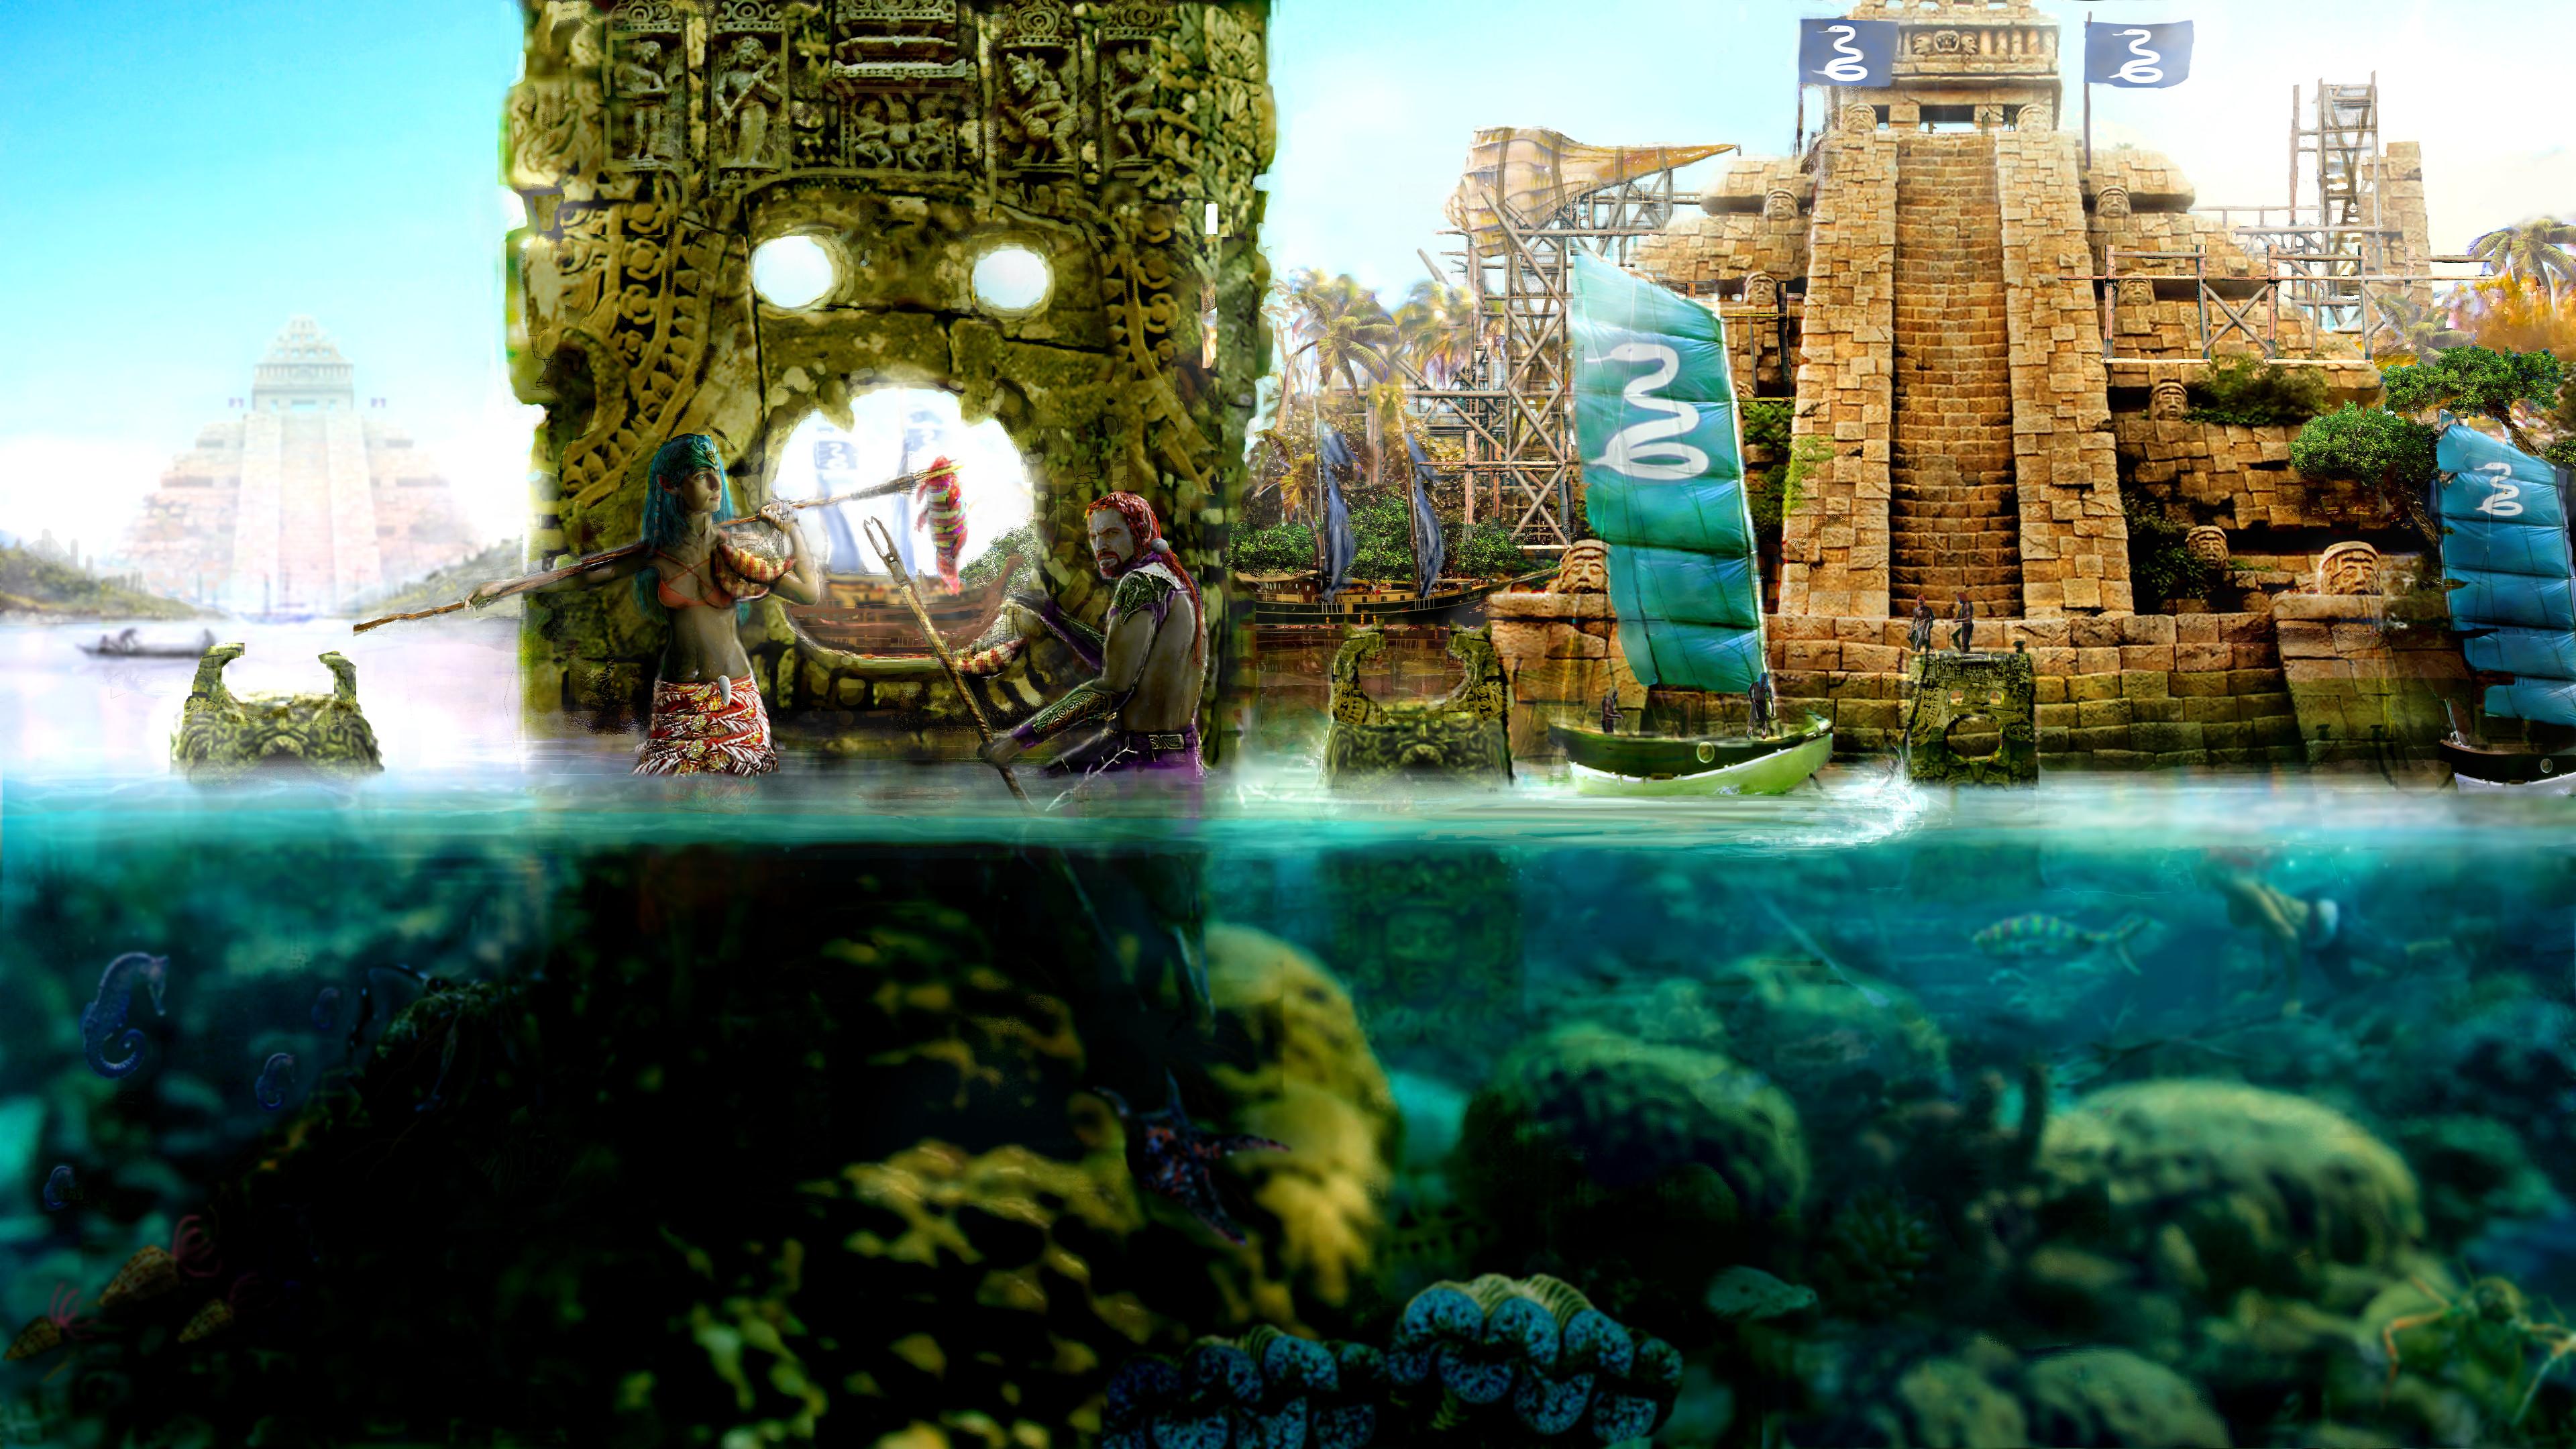 Elder Scrolls - Sea Elves of Aht'Ol